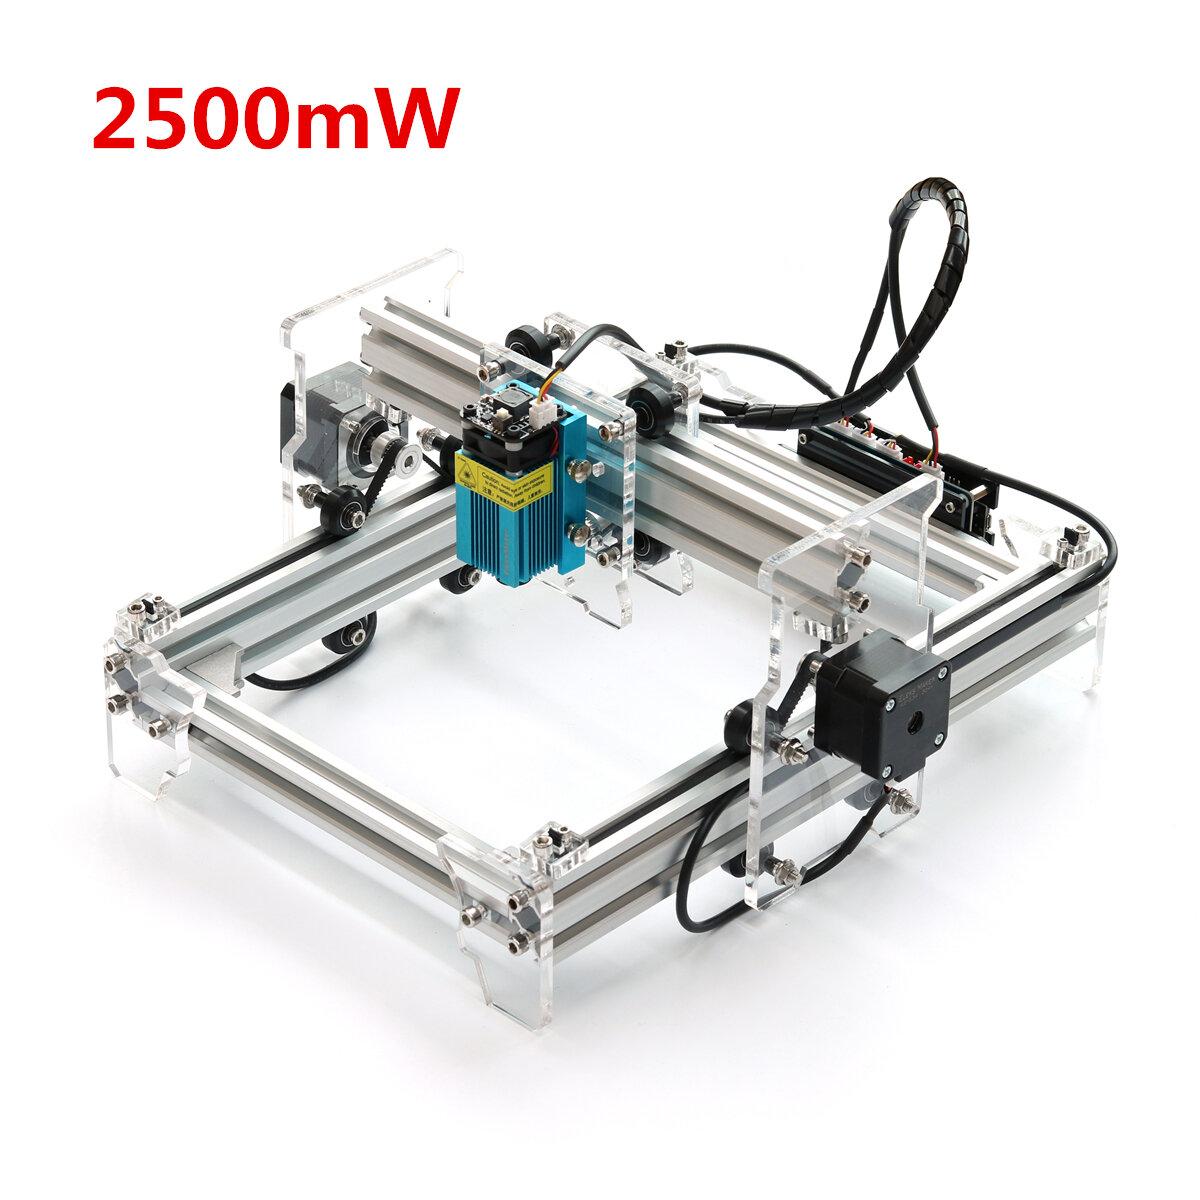 NEJE Upgraded DK-8-KZ 1500mW Blue Violet Laser Engraving Machine Mini Desktop DIY Engraver Protective Panel - 1